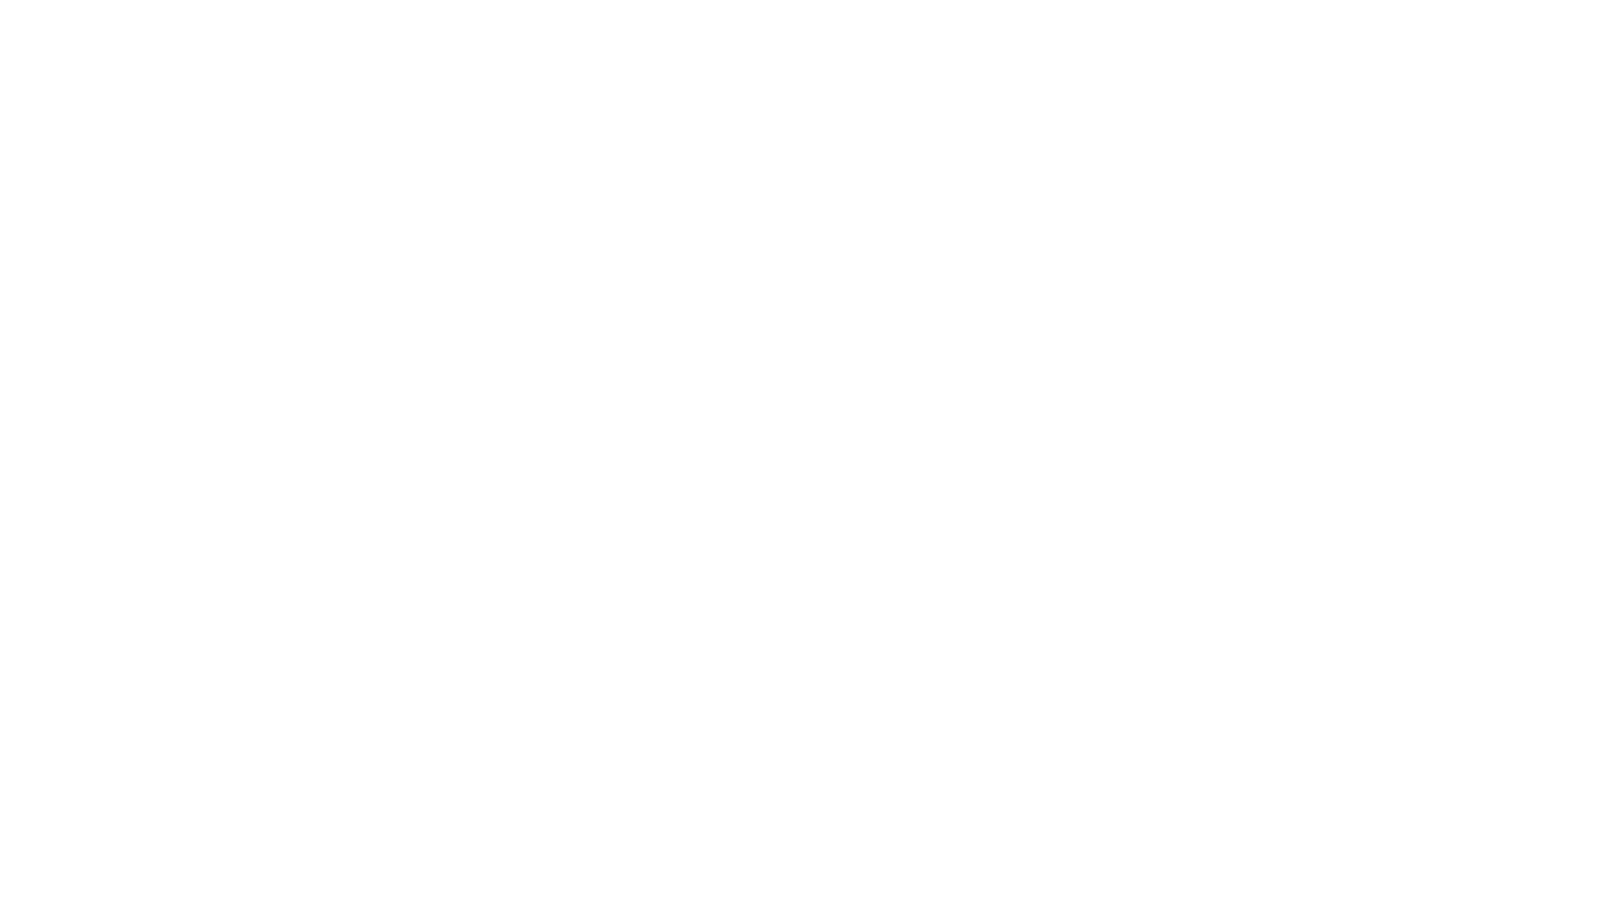 Comunidades quilombolas de Rondônia recebem mais uma etapa dos programas Novas Tecnologias e Povos Tradicionais e Compartilhando Mundos.  No próximo dia 20, às 15h (horário de Brasília) e 14h (horário de Rondônia) a Coordenação Nacional de Articulação das Comunidades Negras Rurais Quilombolas (Conaq) e a Equipe de Conservação da Amazônia (Ecam), vão realizar a devolutiva dos dados com incidência política, em formato on-line.  A transmissão  ao vivo vai acontecer pelo YouTube da Conaq.  Os programas contemplaram 107 quilombos da Amazônia Legal abrangendo 12.483 quilombolas e agora voltam a Rondônia para realizar mais uma etapa.  Conheça mais sobre os quilombos de Rondônia! Acesse ao relatório da pesquisa aqui:  https://bit.ly/2Q7JAKg  Os programas são desenvolvidos com o apoio da USAID e Google Earth Outreach